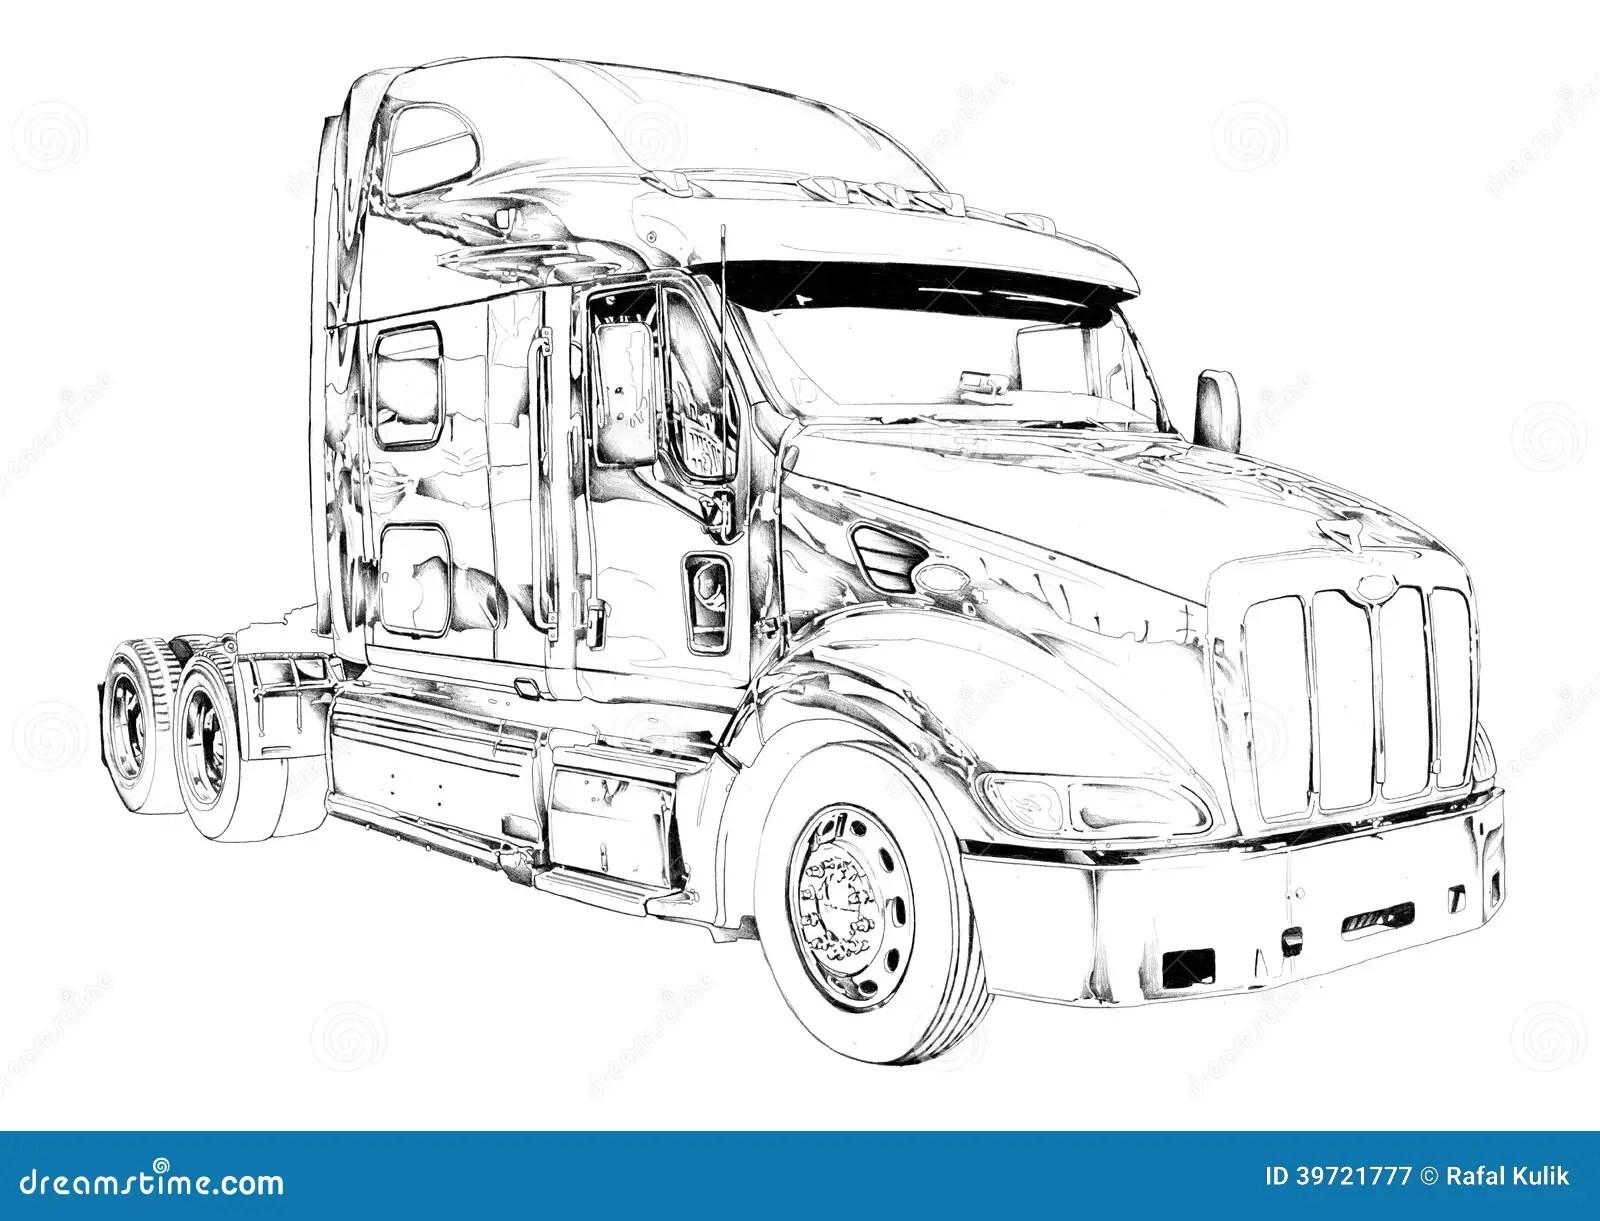 Kw T660